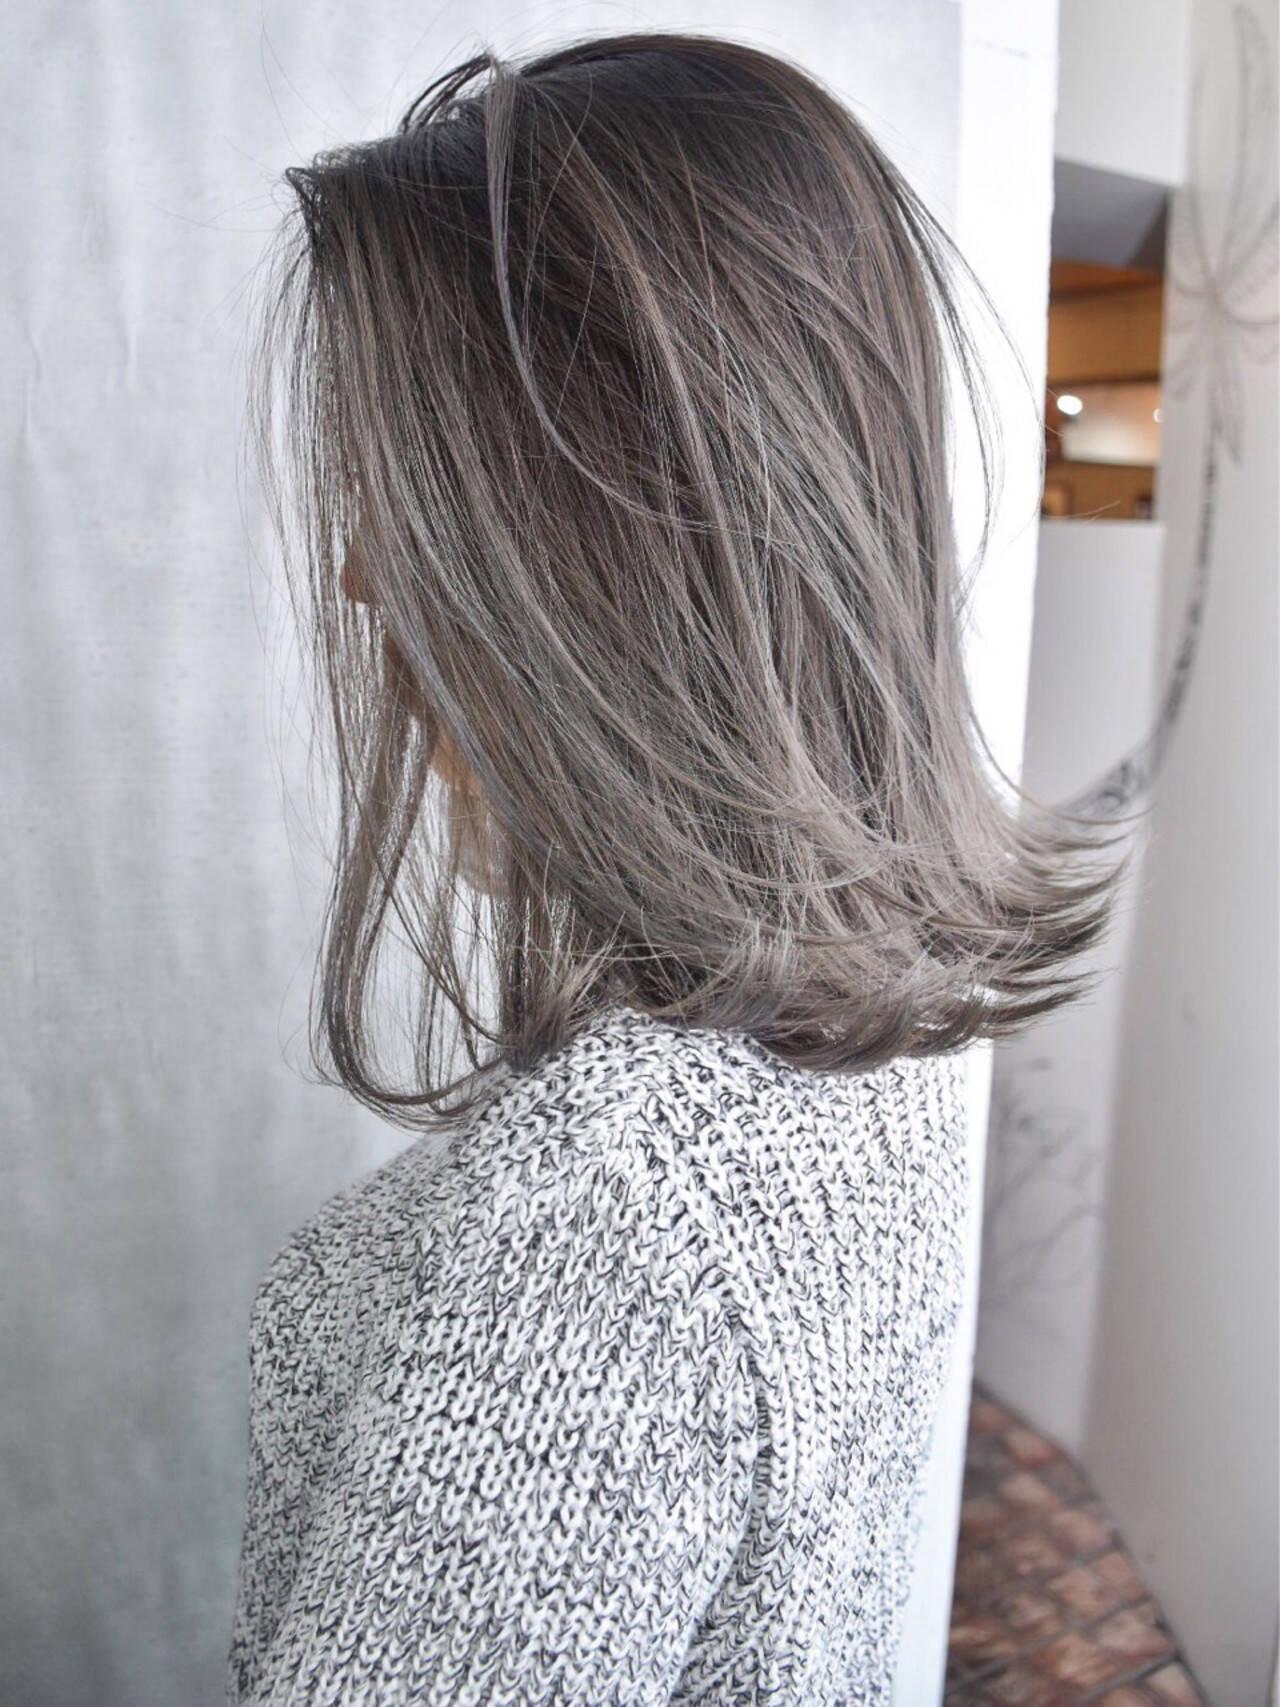 ミディアム 外国人風 外国人風カラー バレイヤージュヘアスタイルや髪型の写真・画像